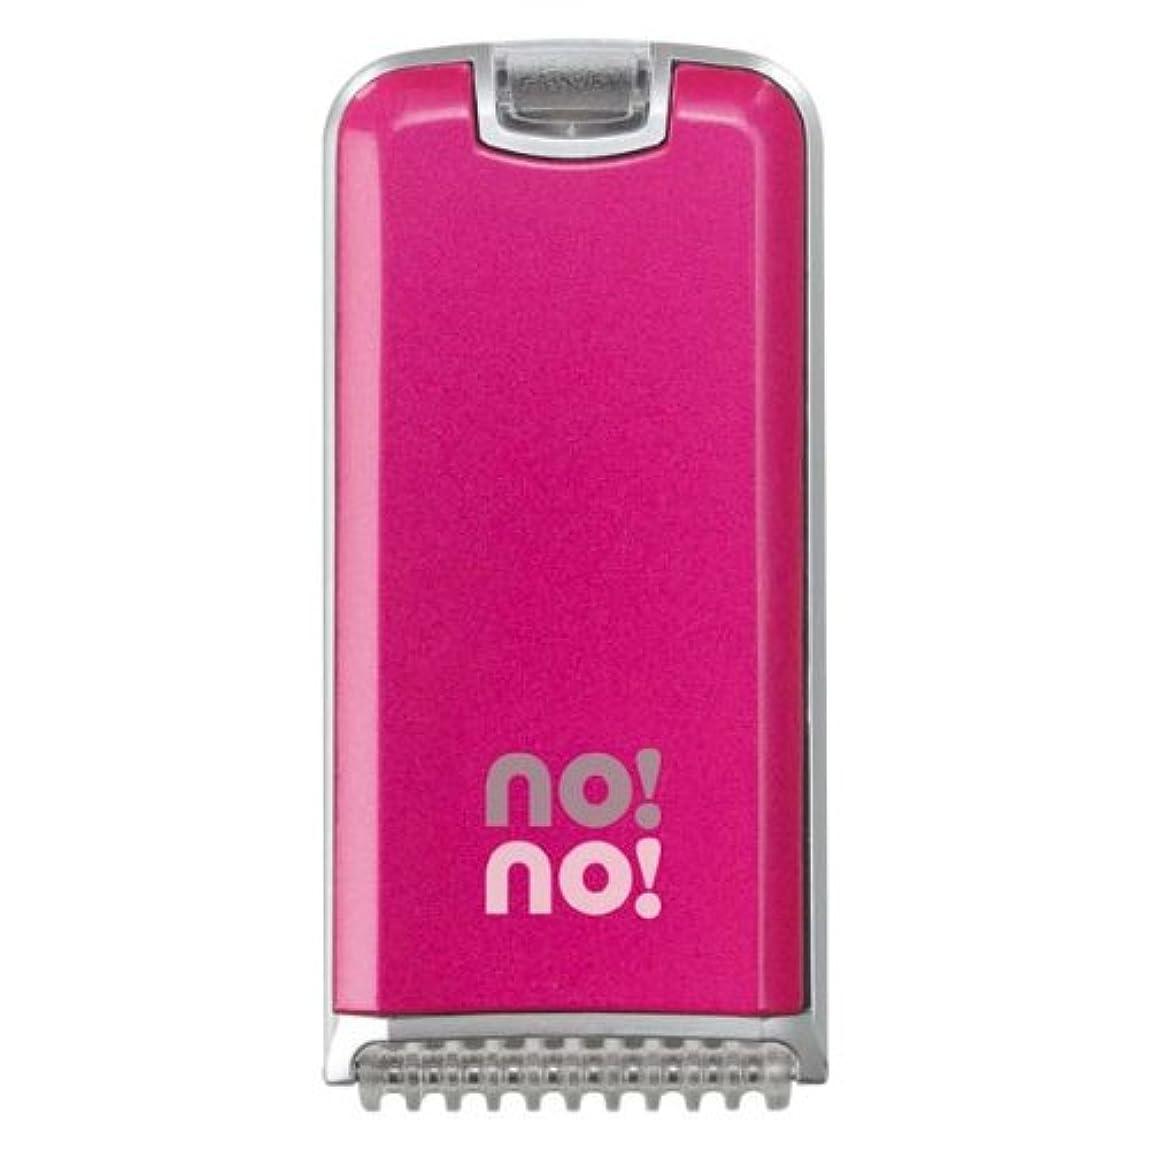 YA-MAN 【サーミコン(熱線)式脱毛だから、抜かない、剃らない、痛くない! 】NO! NO! HAIR ピンク STA100P